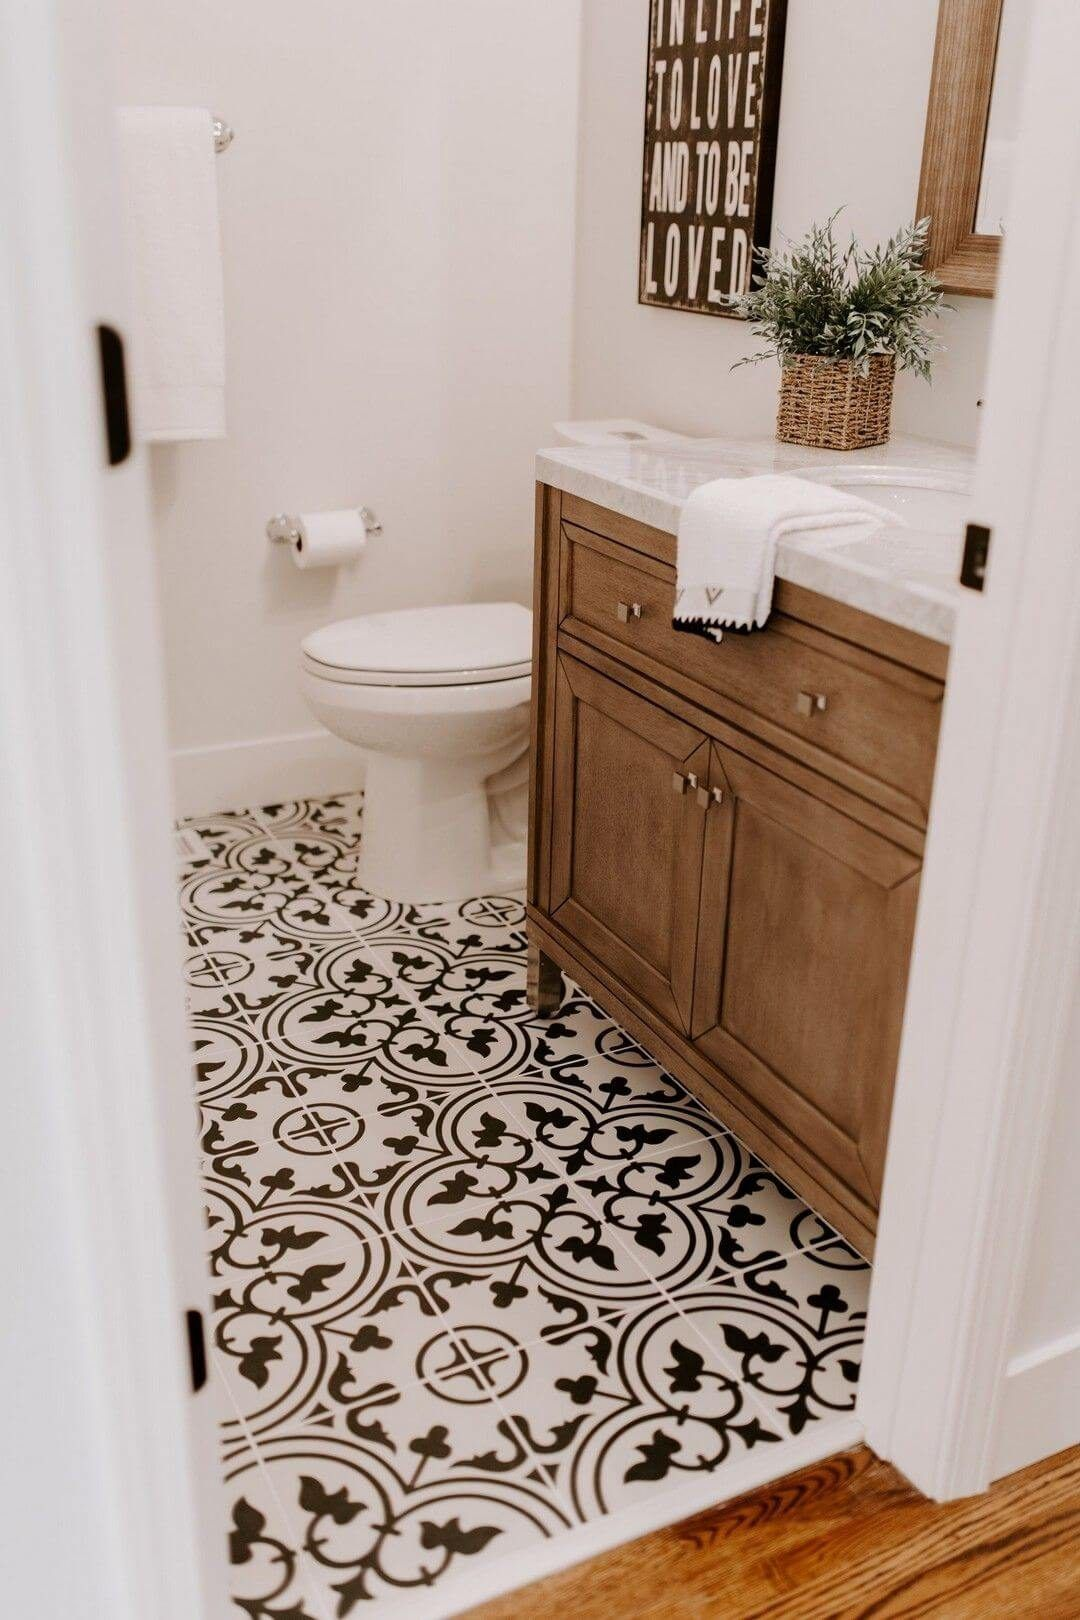 25 Farmhouse Bathroom Ideas For Bathroom Remodel - M24